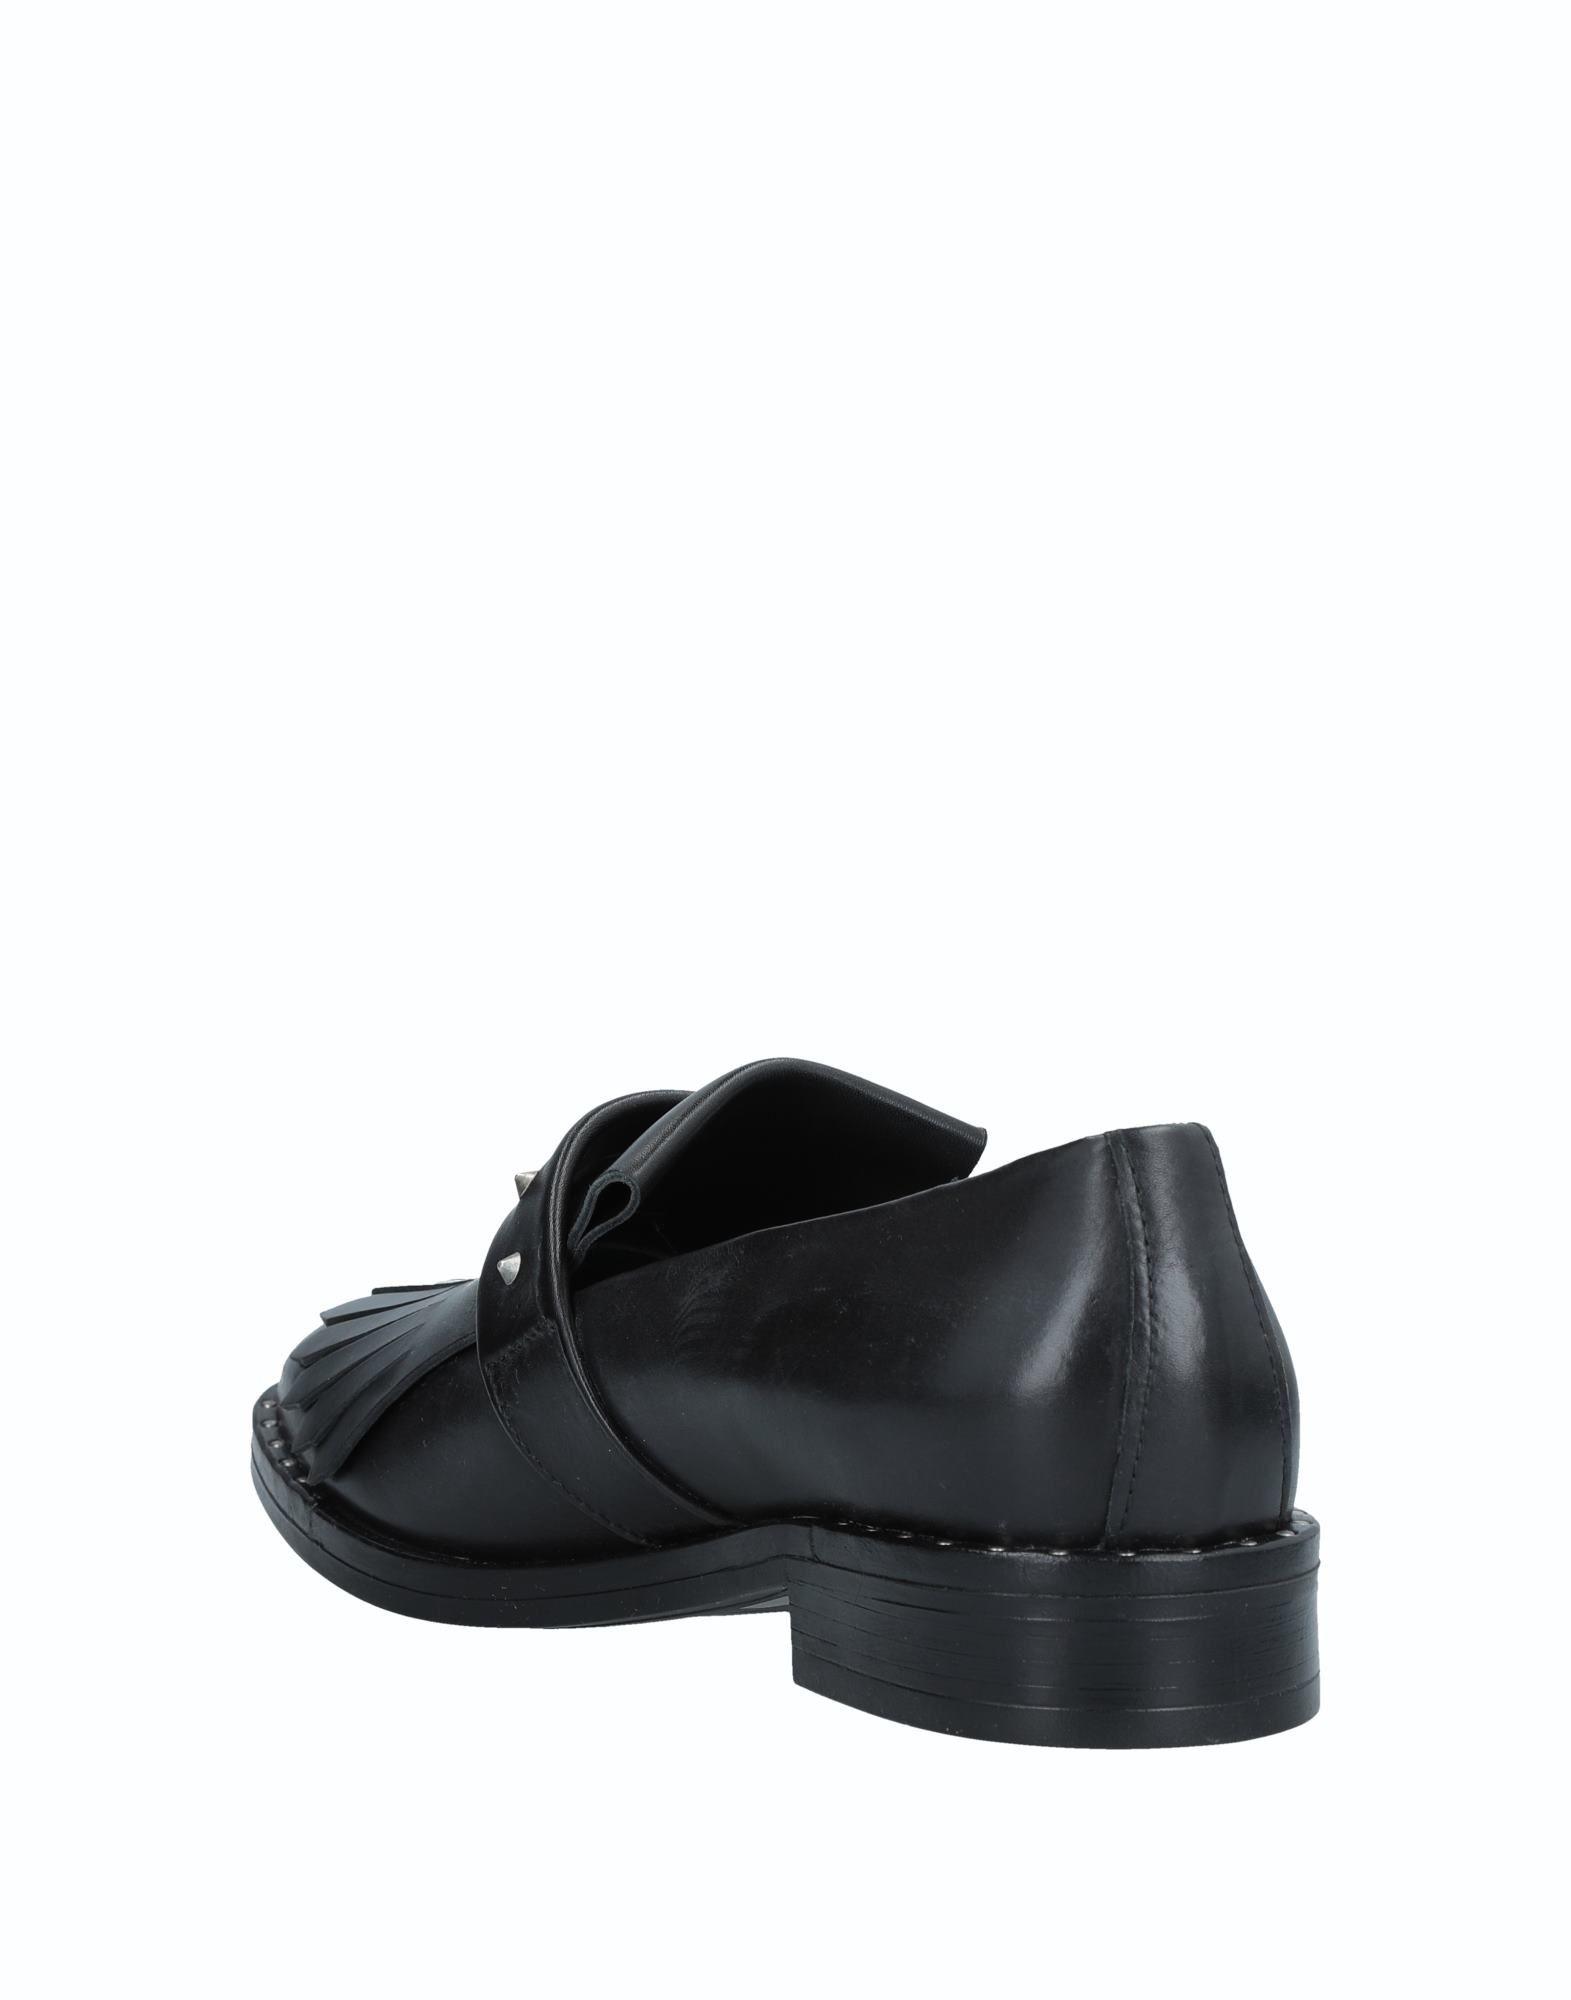 Fabbrica Deicolli Mokassins 11538143EI Damen  11538143EI Mokassins Gute Qualität beliebte Schuhe d1f095